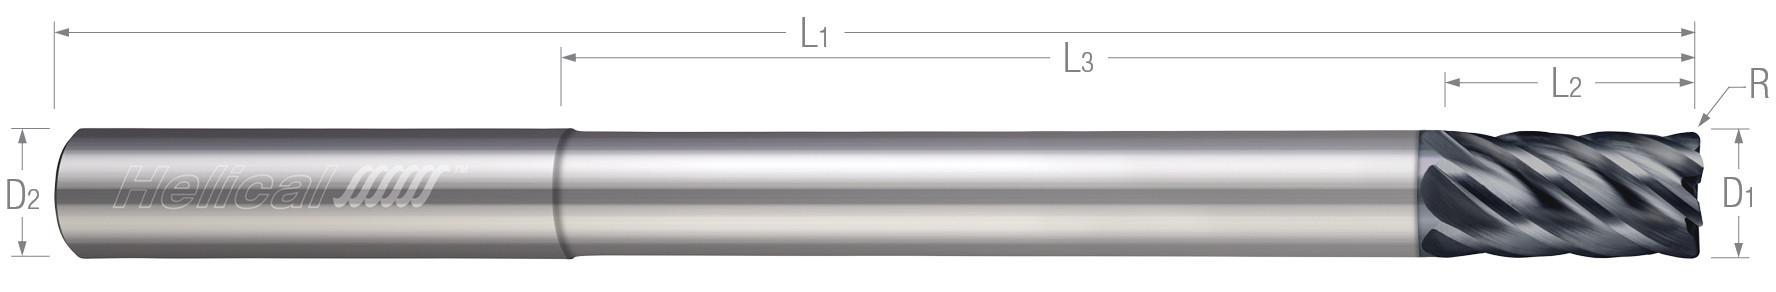 6 Flute - Corner Radius - Variable Pitch - Reduced Neck (Aplus)